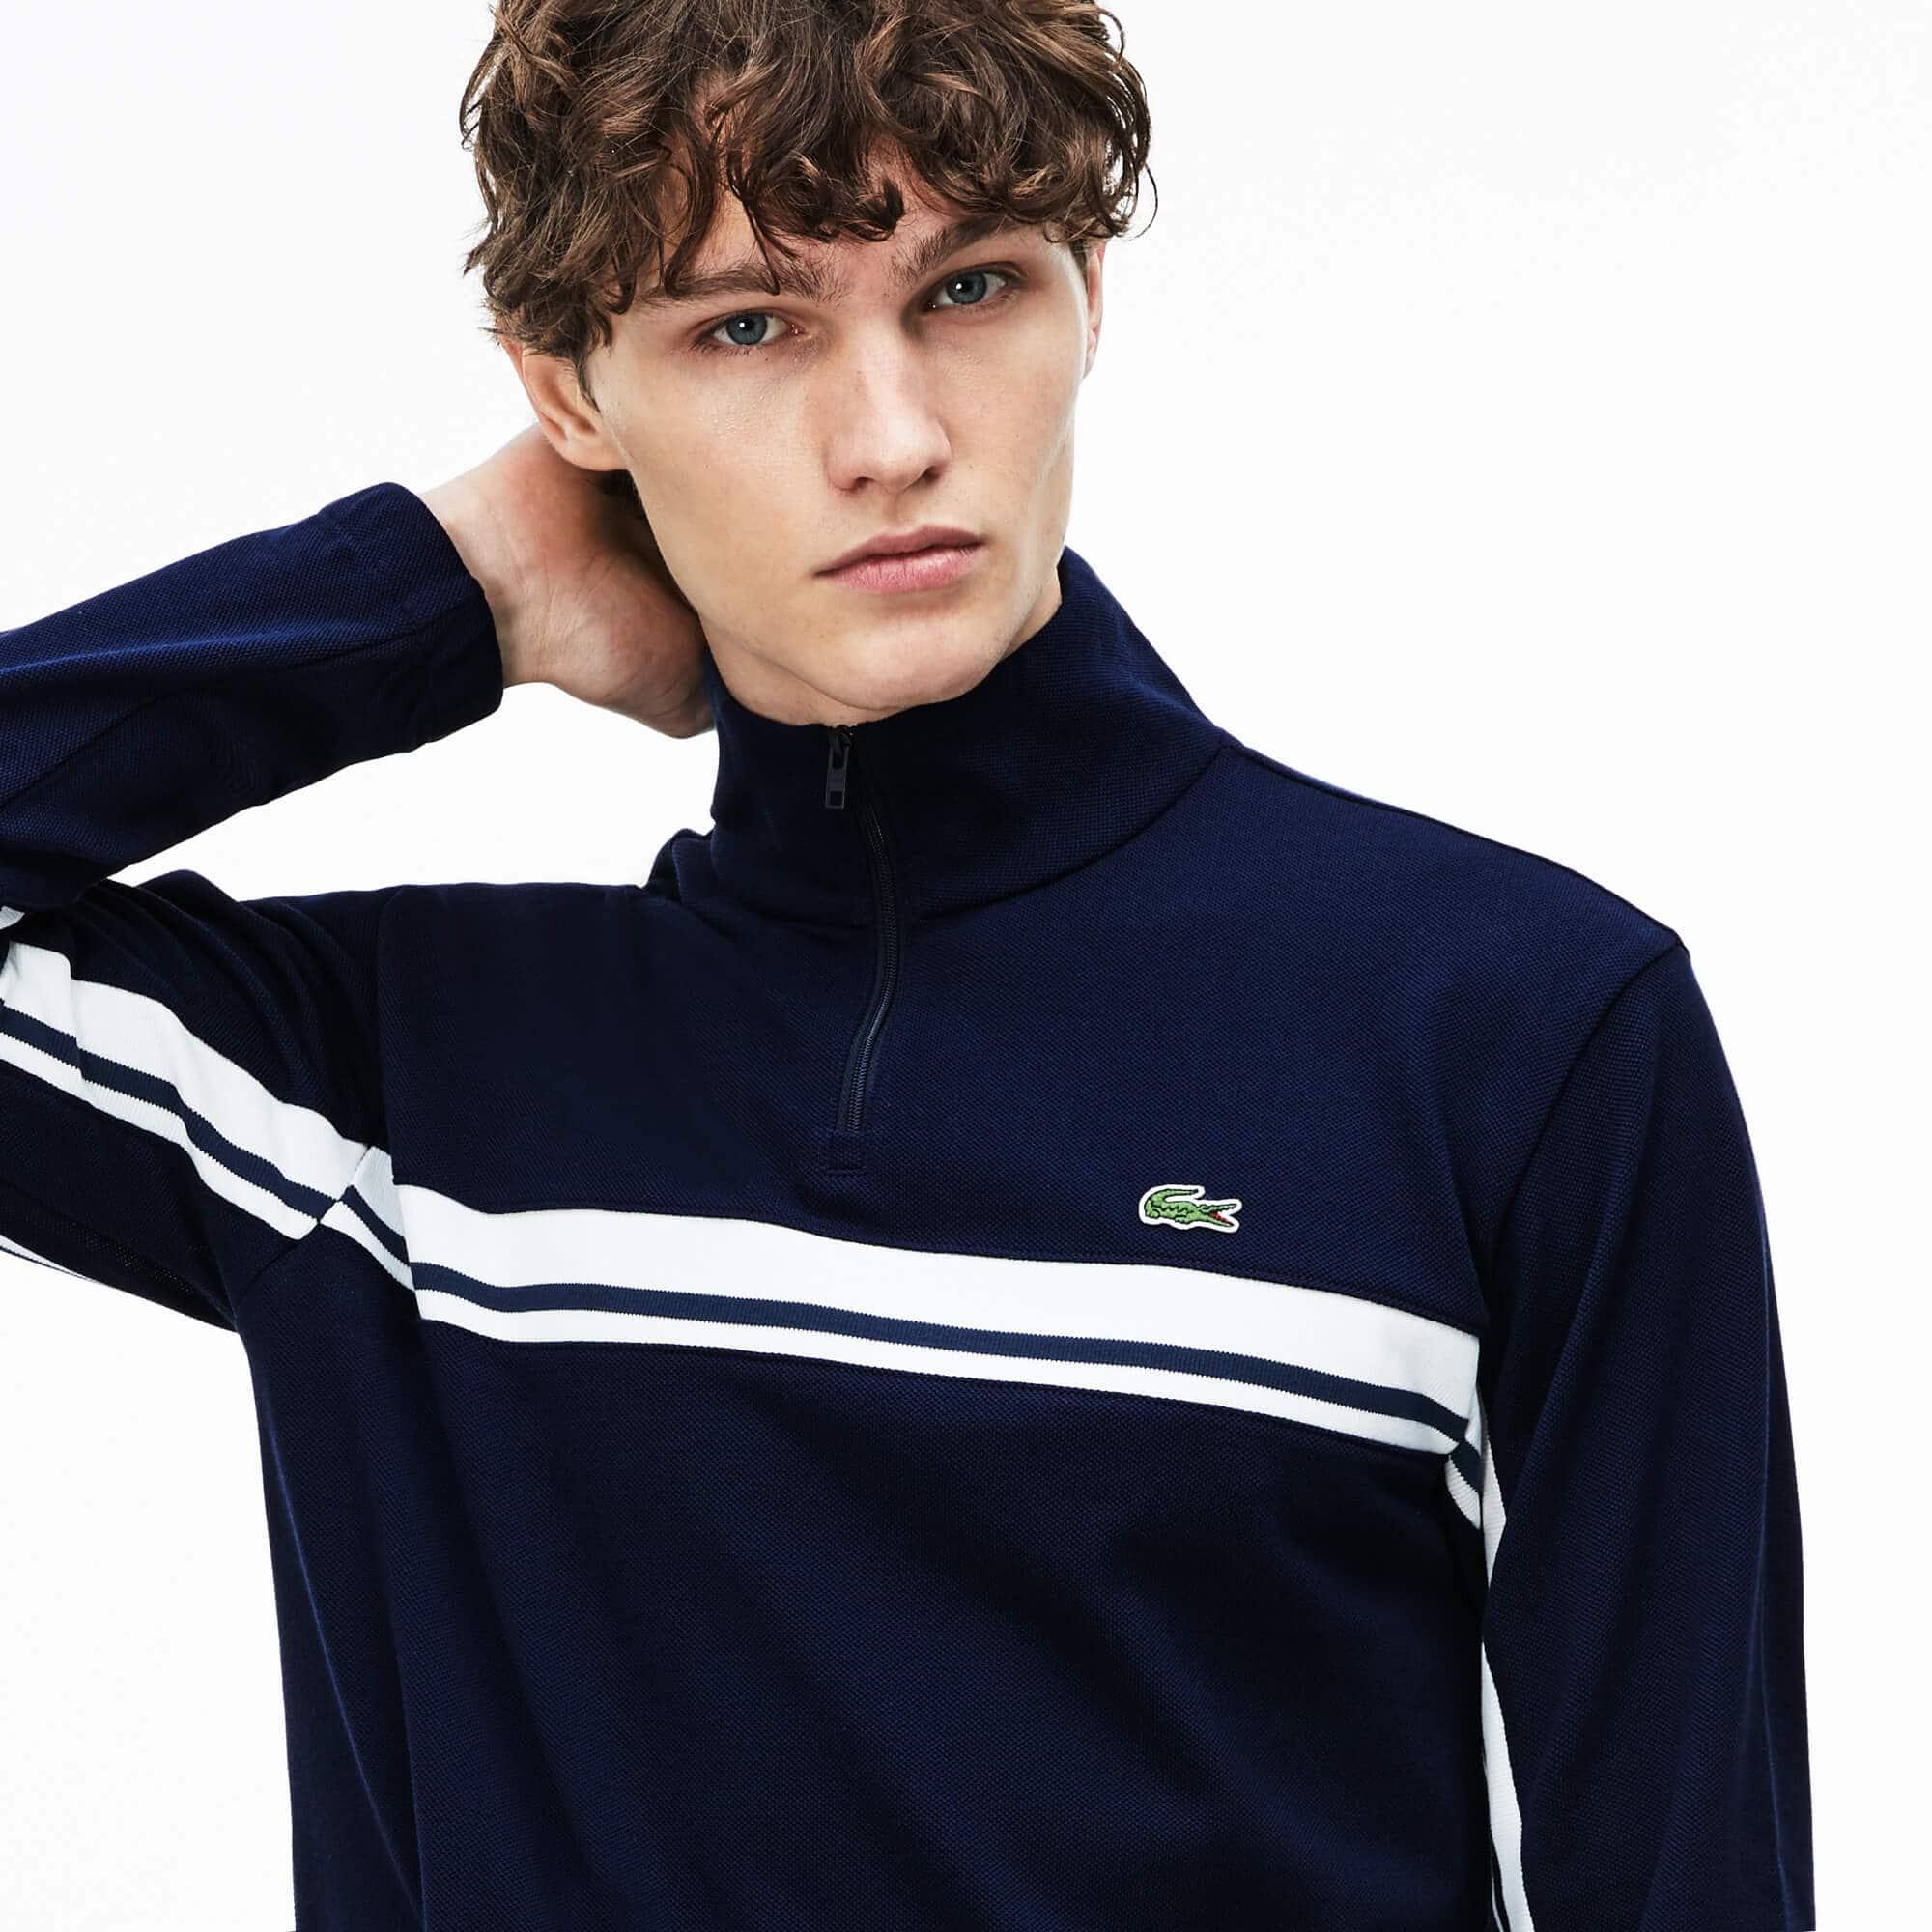 Sweatshirt de gola subida com fecho de correr em piqué com faixas color block